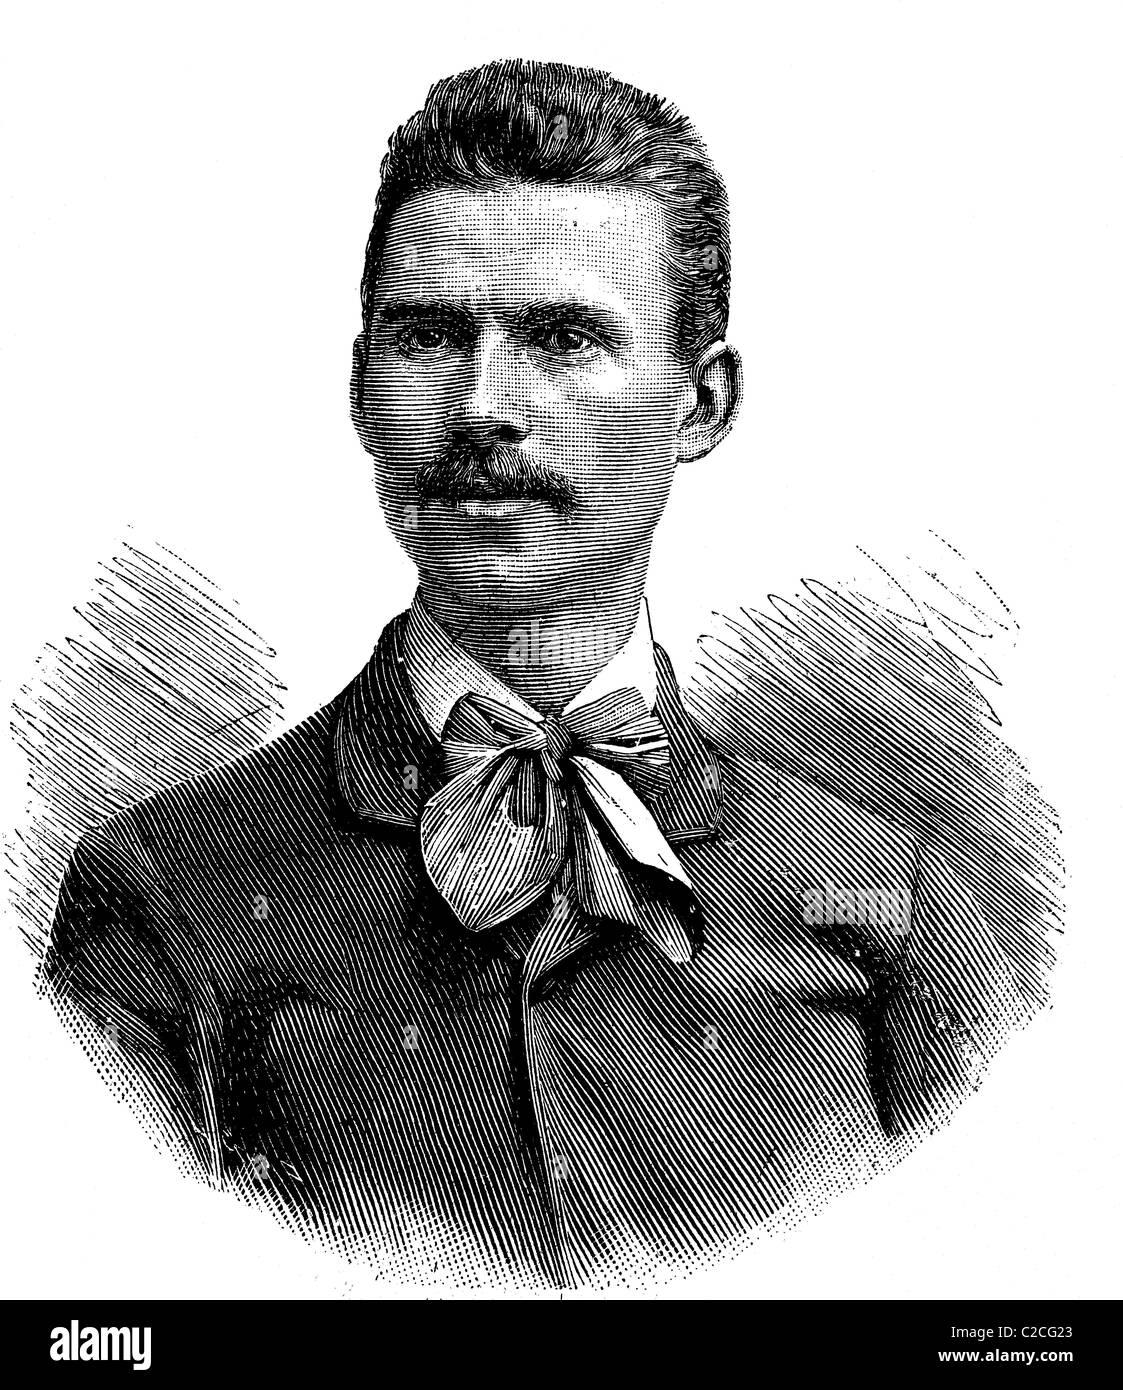 Arno Elsaesser, einer der Gewinner des Abstandes März Wien - Berlin 1893, historische Abbildung ca. 1893 Stockbild